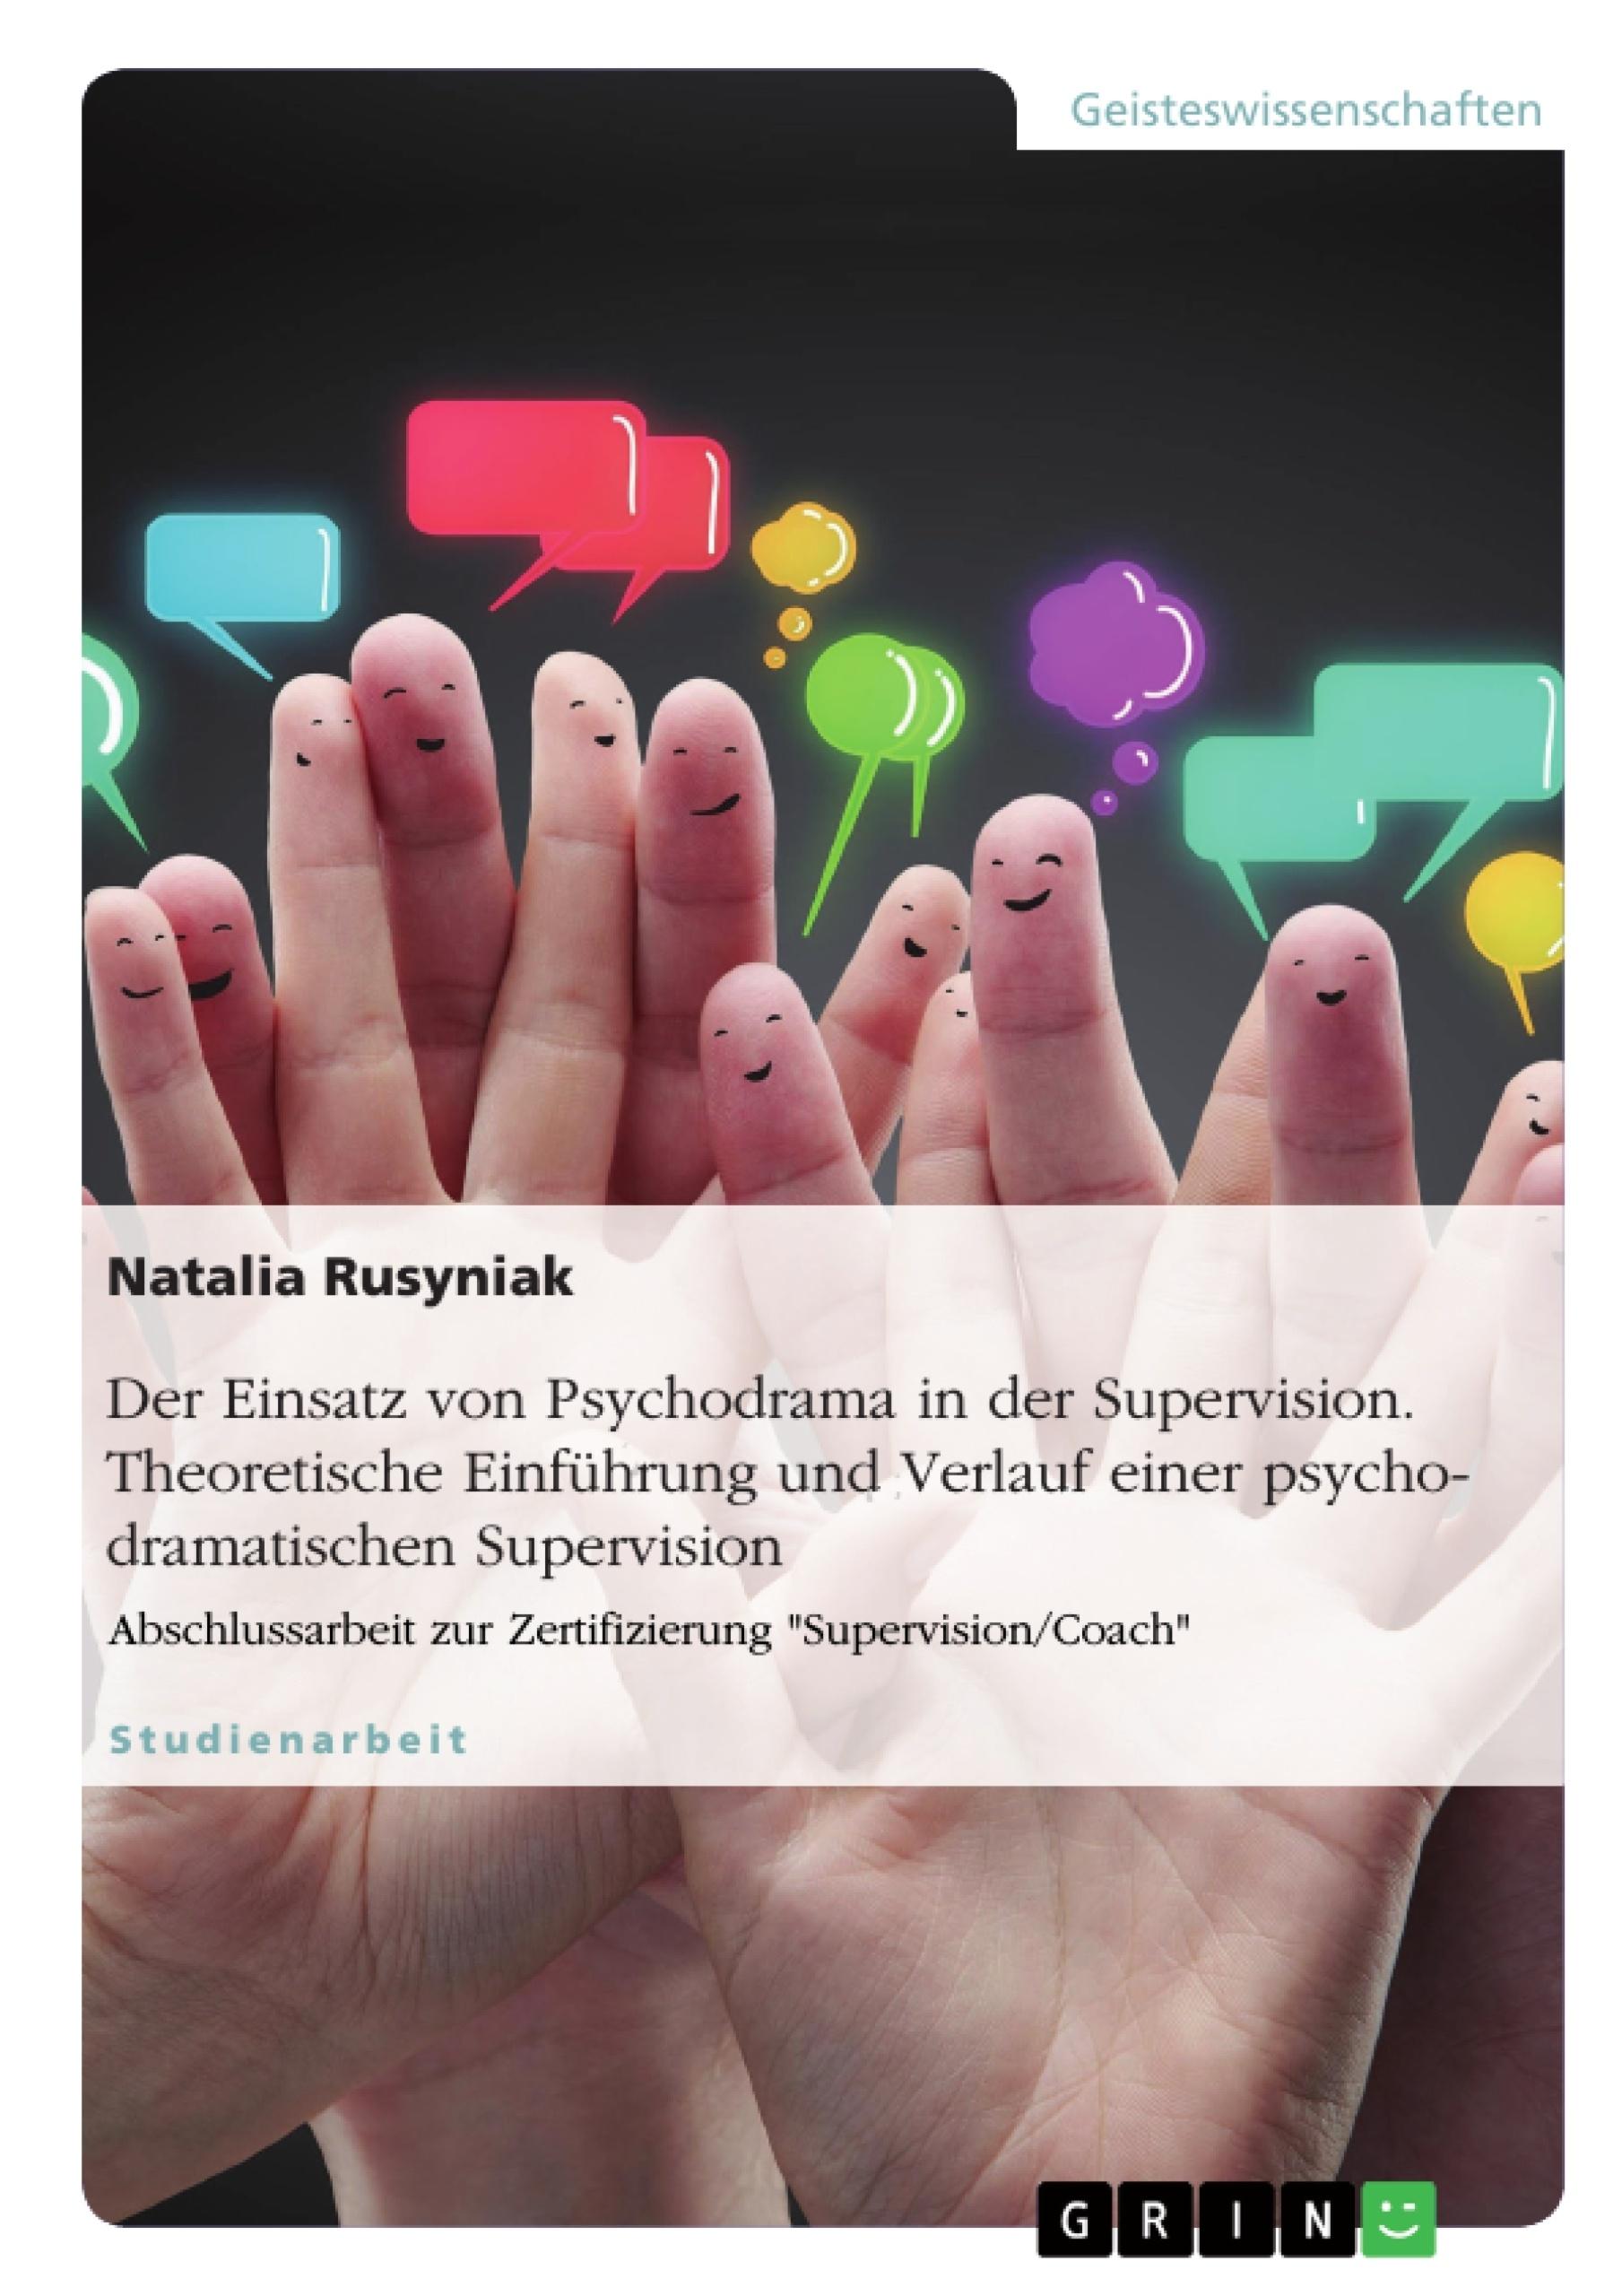 Titel: Der Einsatz von Psychodrama in der Supervision. Theoretische Einführung und Verlauf einer psychodramatischen Supervision